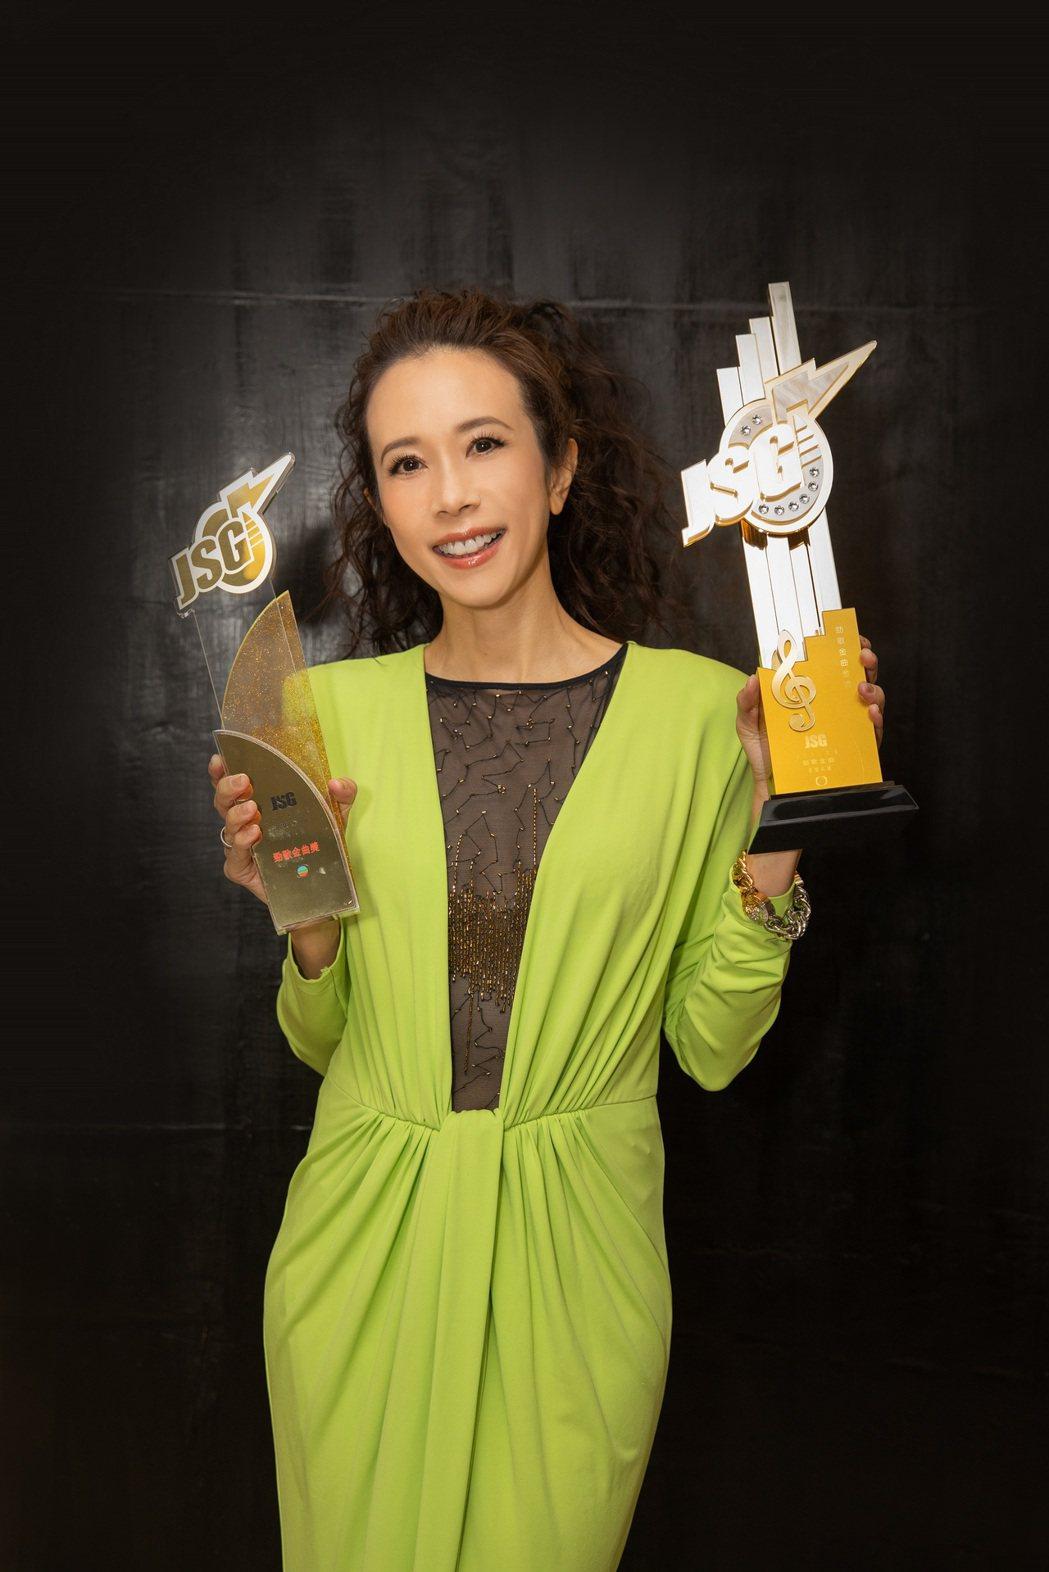 莫文蔚在2020年度勁歌金曲頒獎典禮拿下「勁歌金曲金獎」。圖/莫家寶貝工作室提供